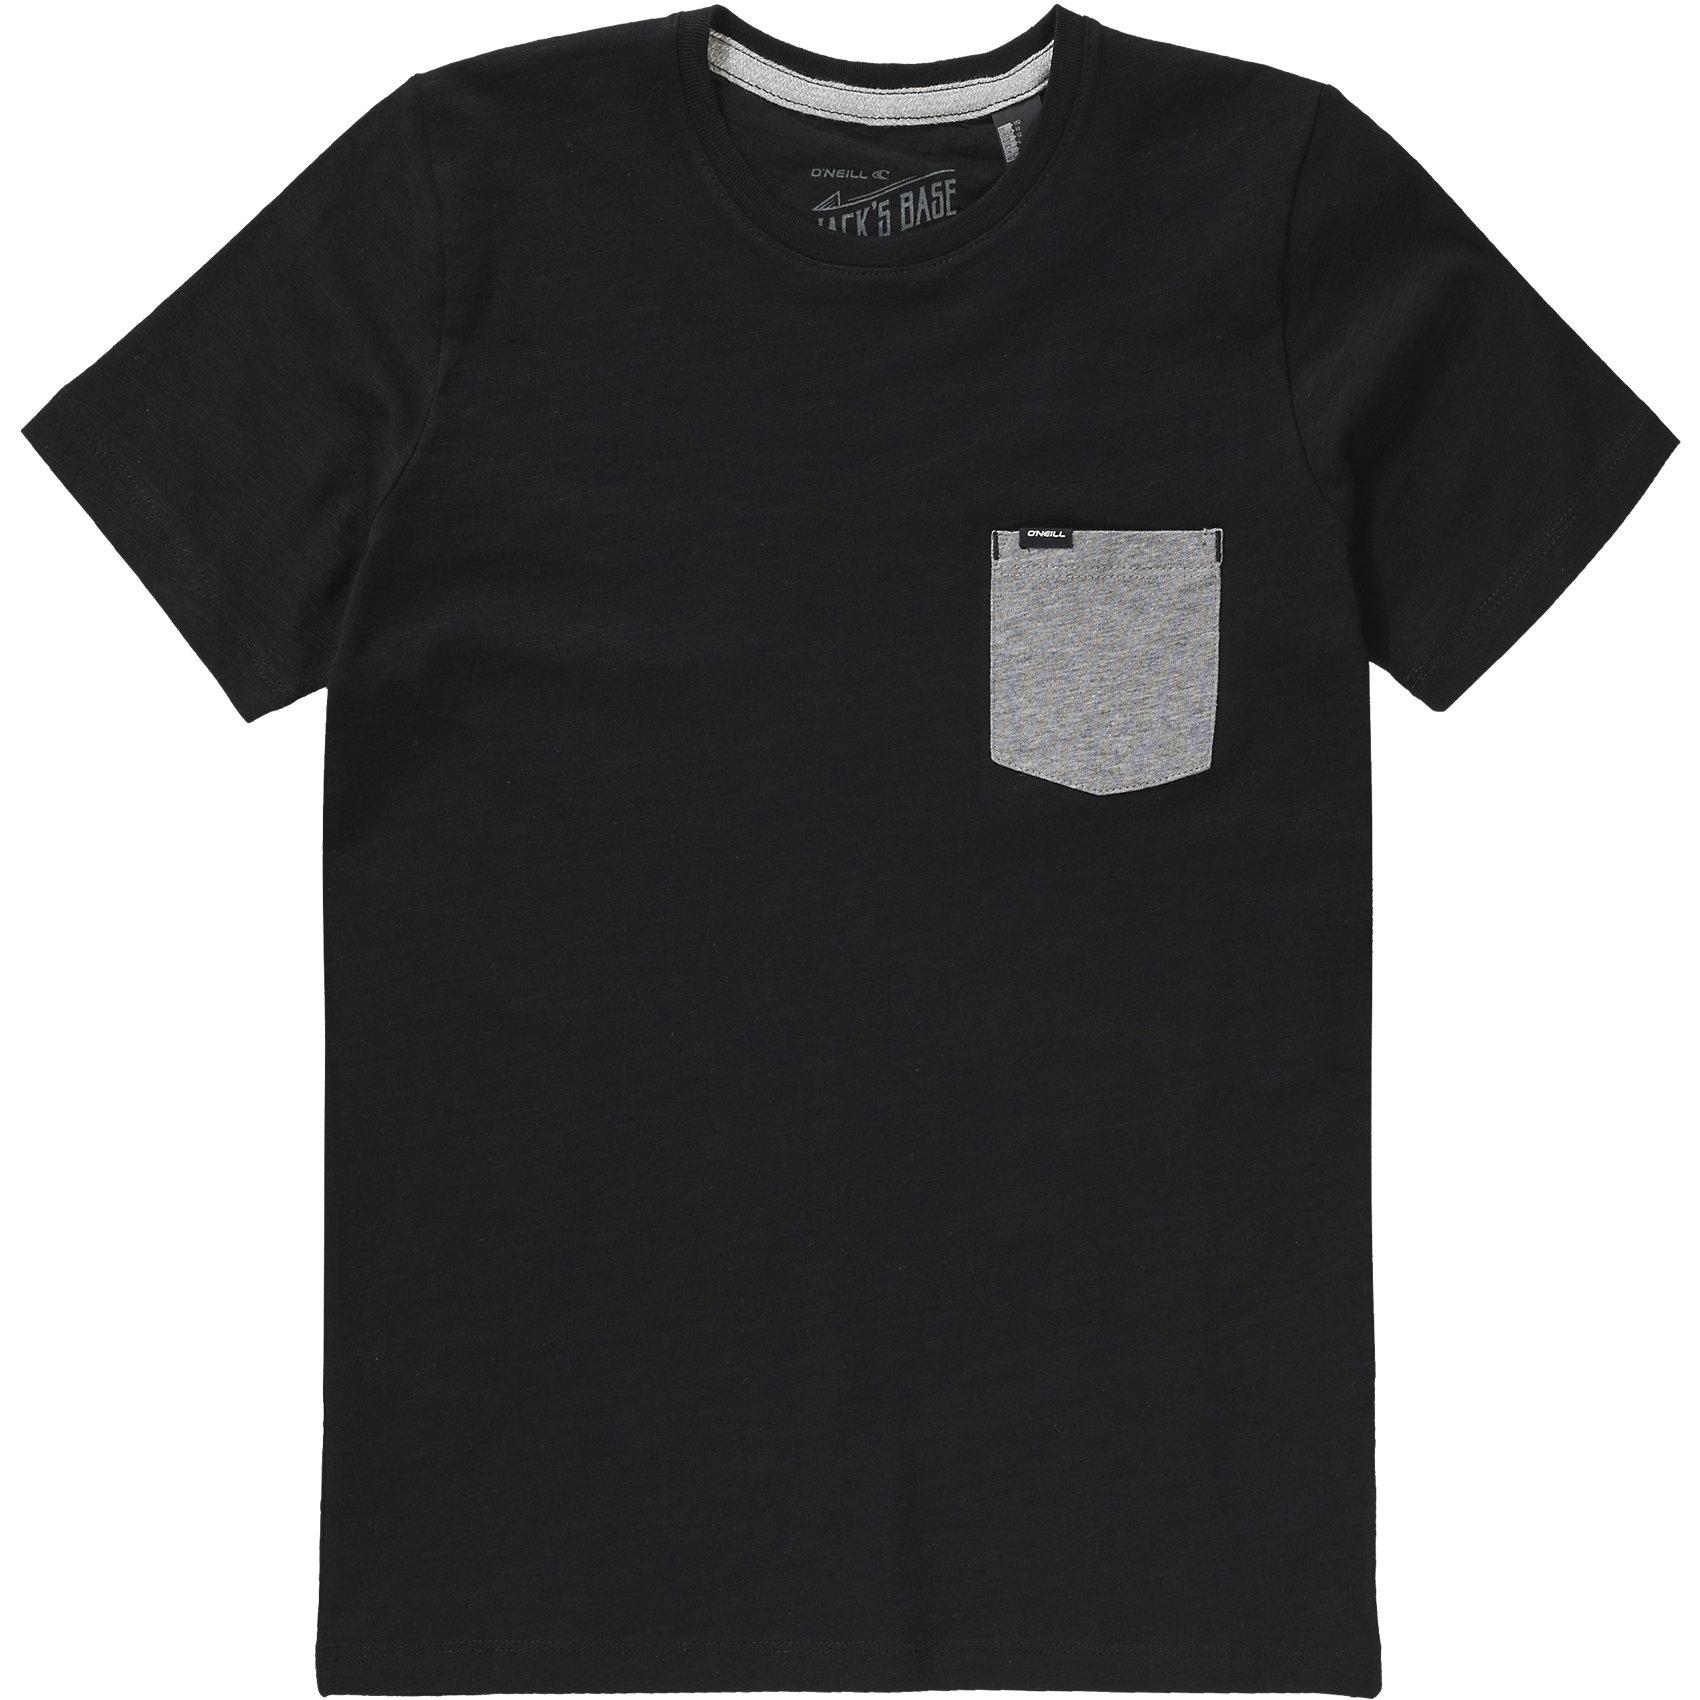 Neu-O-039-NEILL-T-Shirt-JACKS-BASE-fuer-Jungen-Organic-Cotton-schwarz-6054140